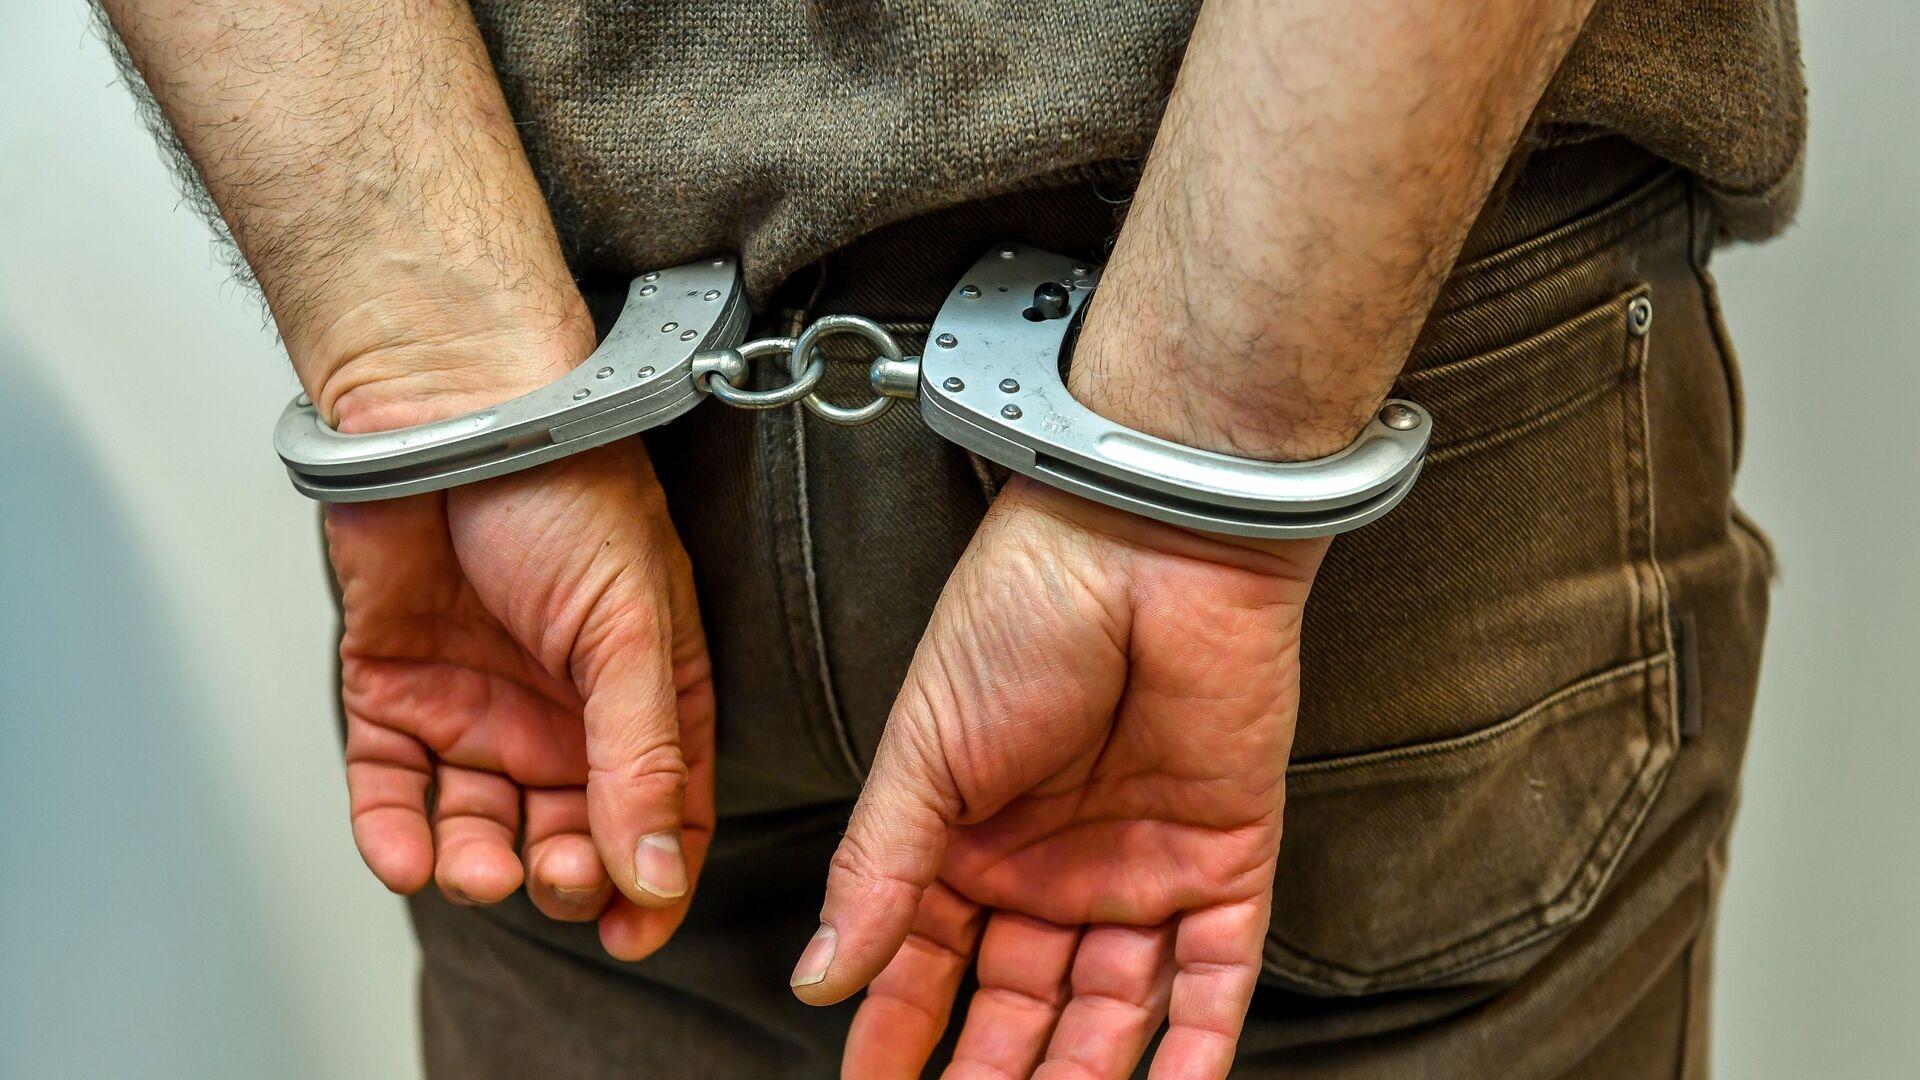 Мужчина в наручниках в полицейском участке, фото из архива - Sputnik Azərbaycan, 1920, 10.09.2021